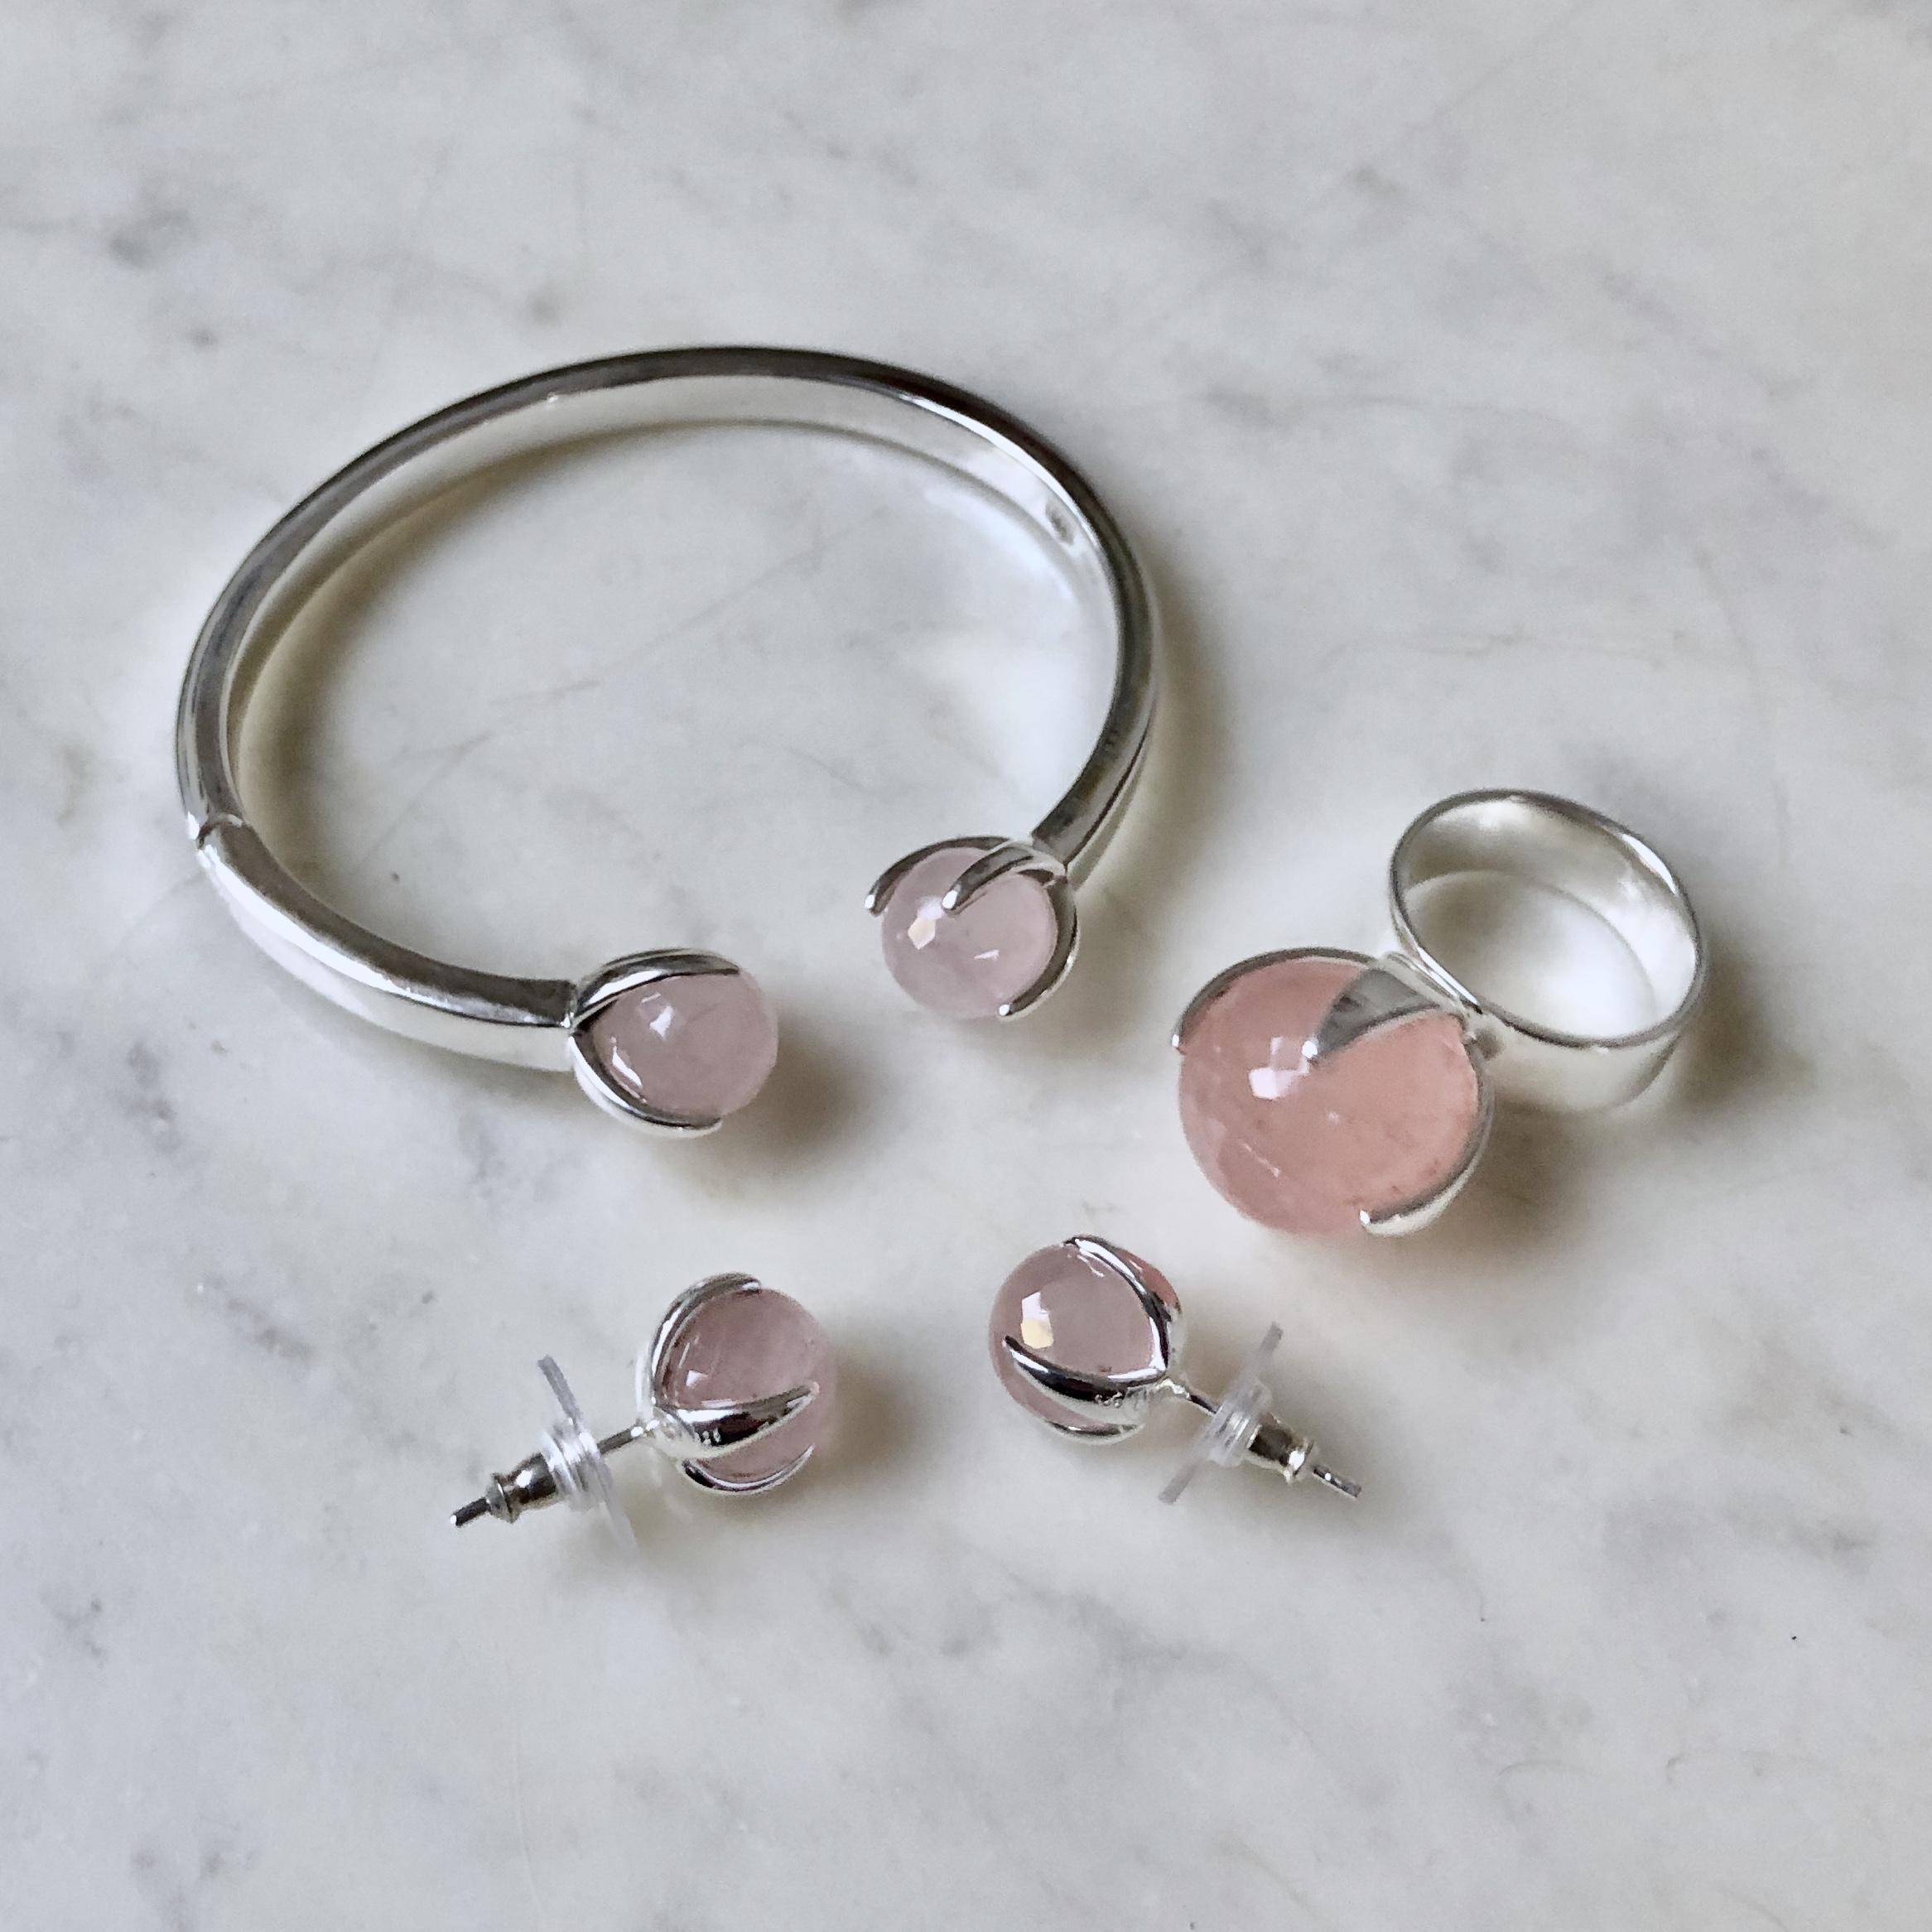 Silversmycken med rosenkvarts. Silver jewellery with rose quartz